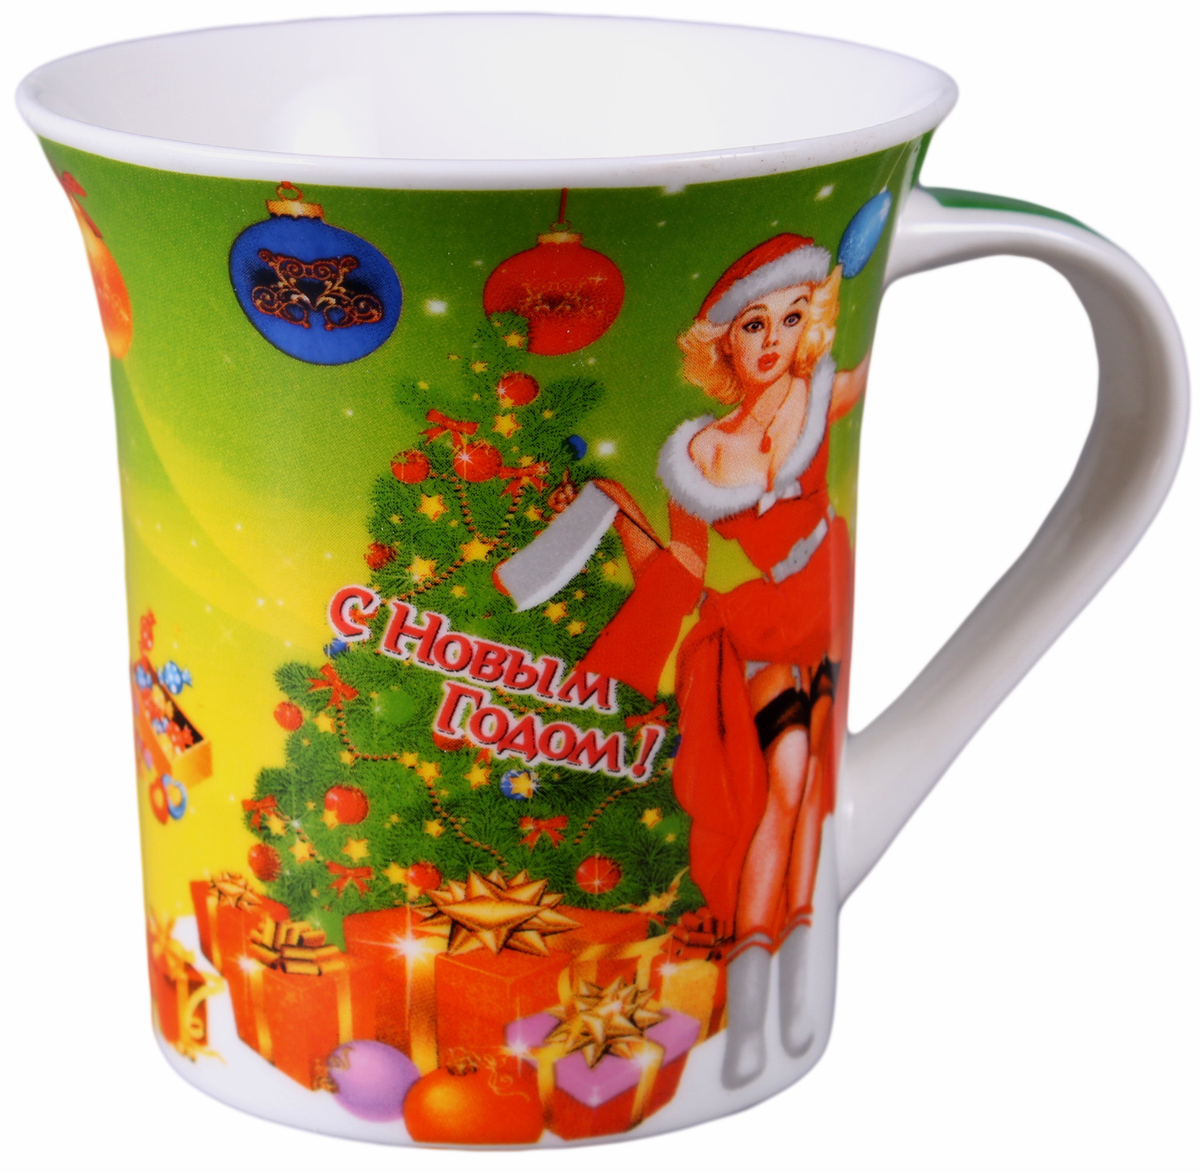 Кружка Olaff, новогодняя, 310 мл. EDI-B310K-016EDI-B310K-016Кружка 310 мл новогодняя обертовая 4 вида декора, индивидуальная подарочная упаковка